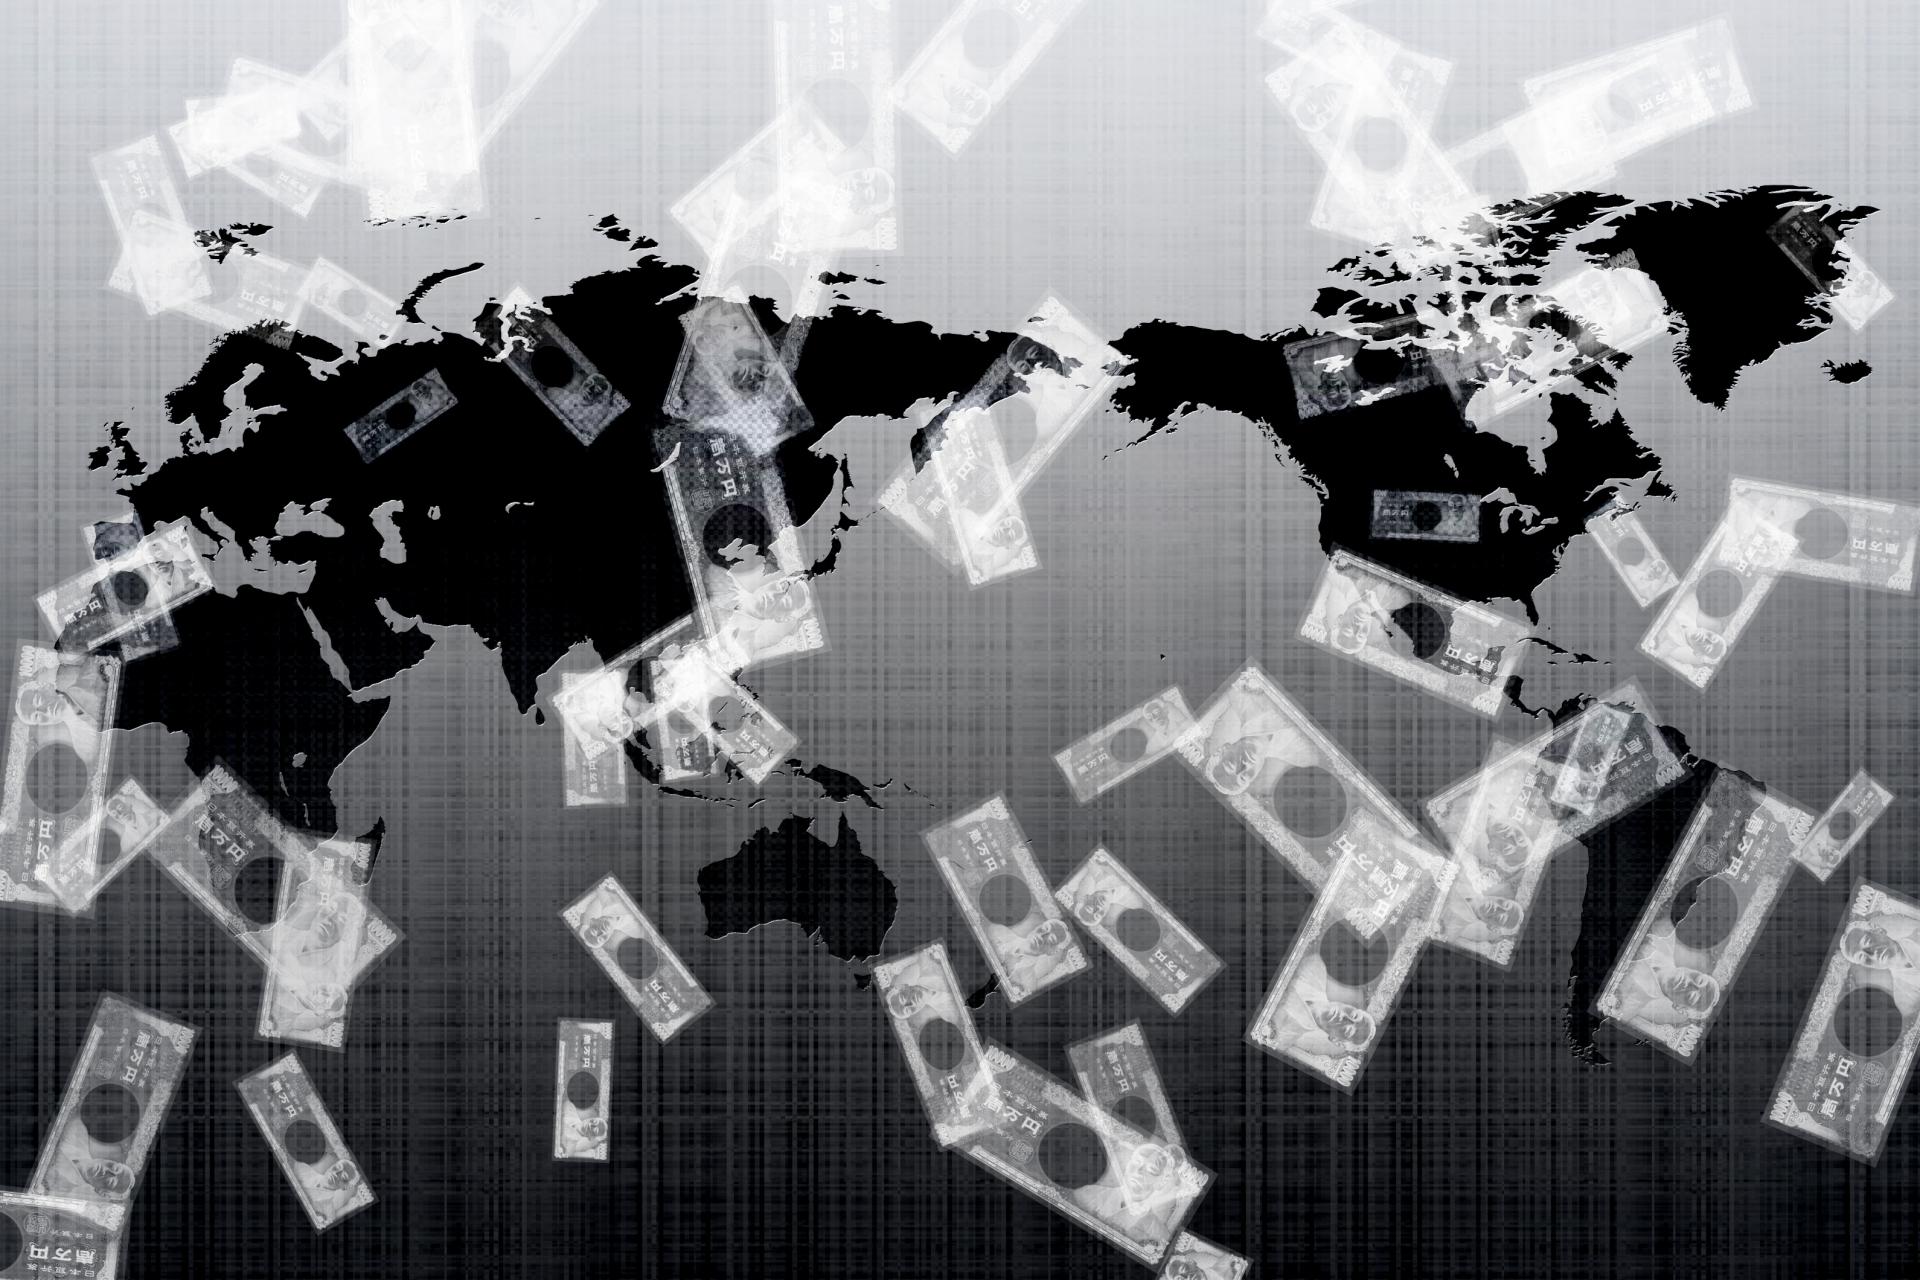 第20回 インフレが起こす経済危機とそれを乗り越えるためのたった一つの考え方